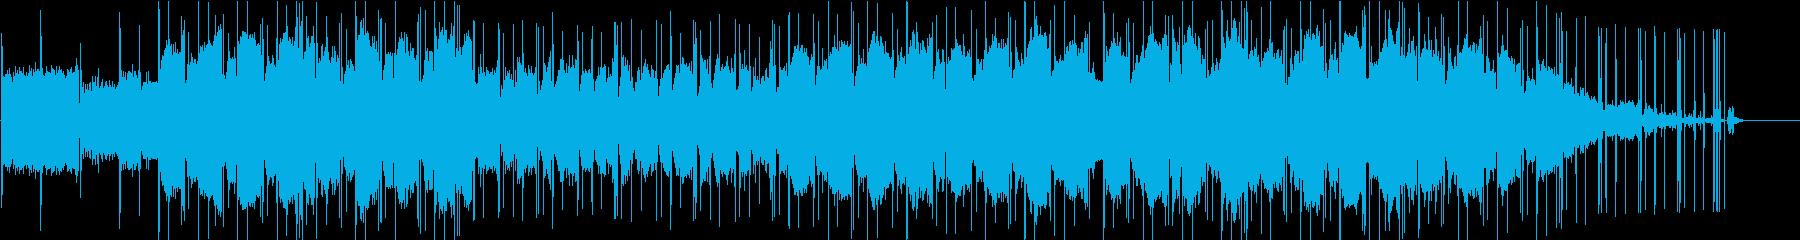 癒し系のチルミュージックの再生済みの波形